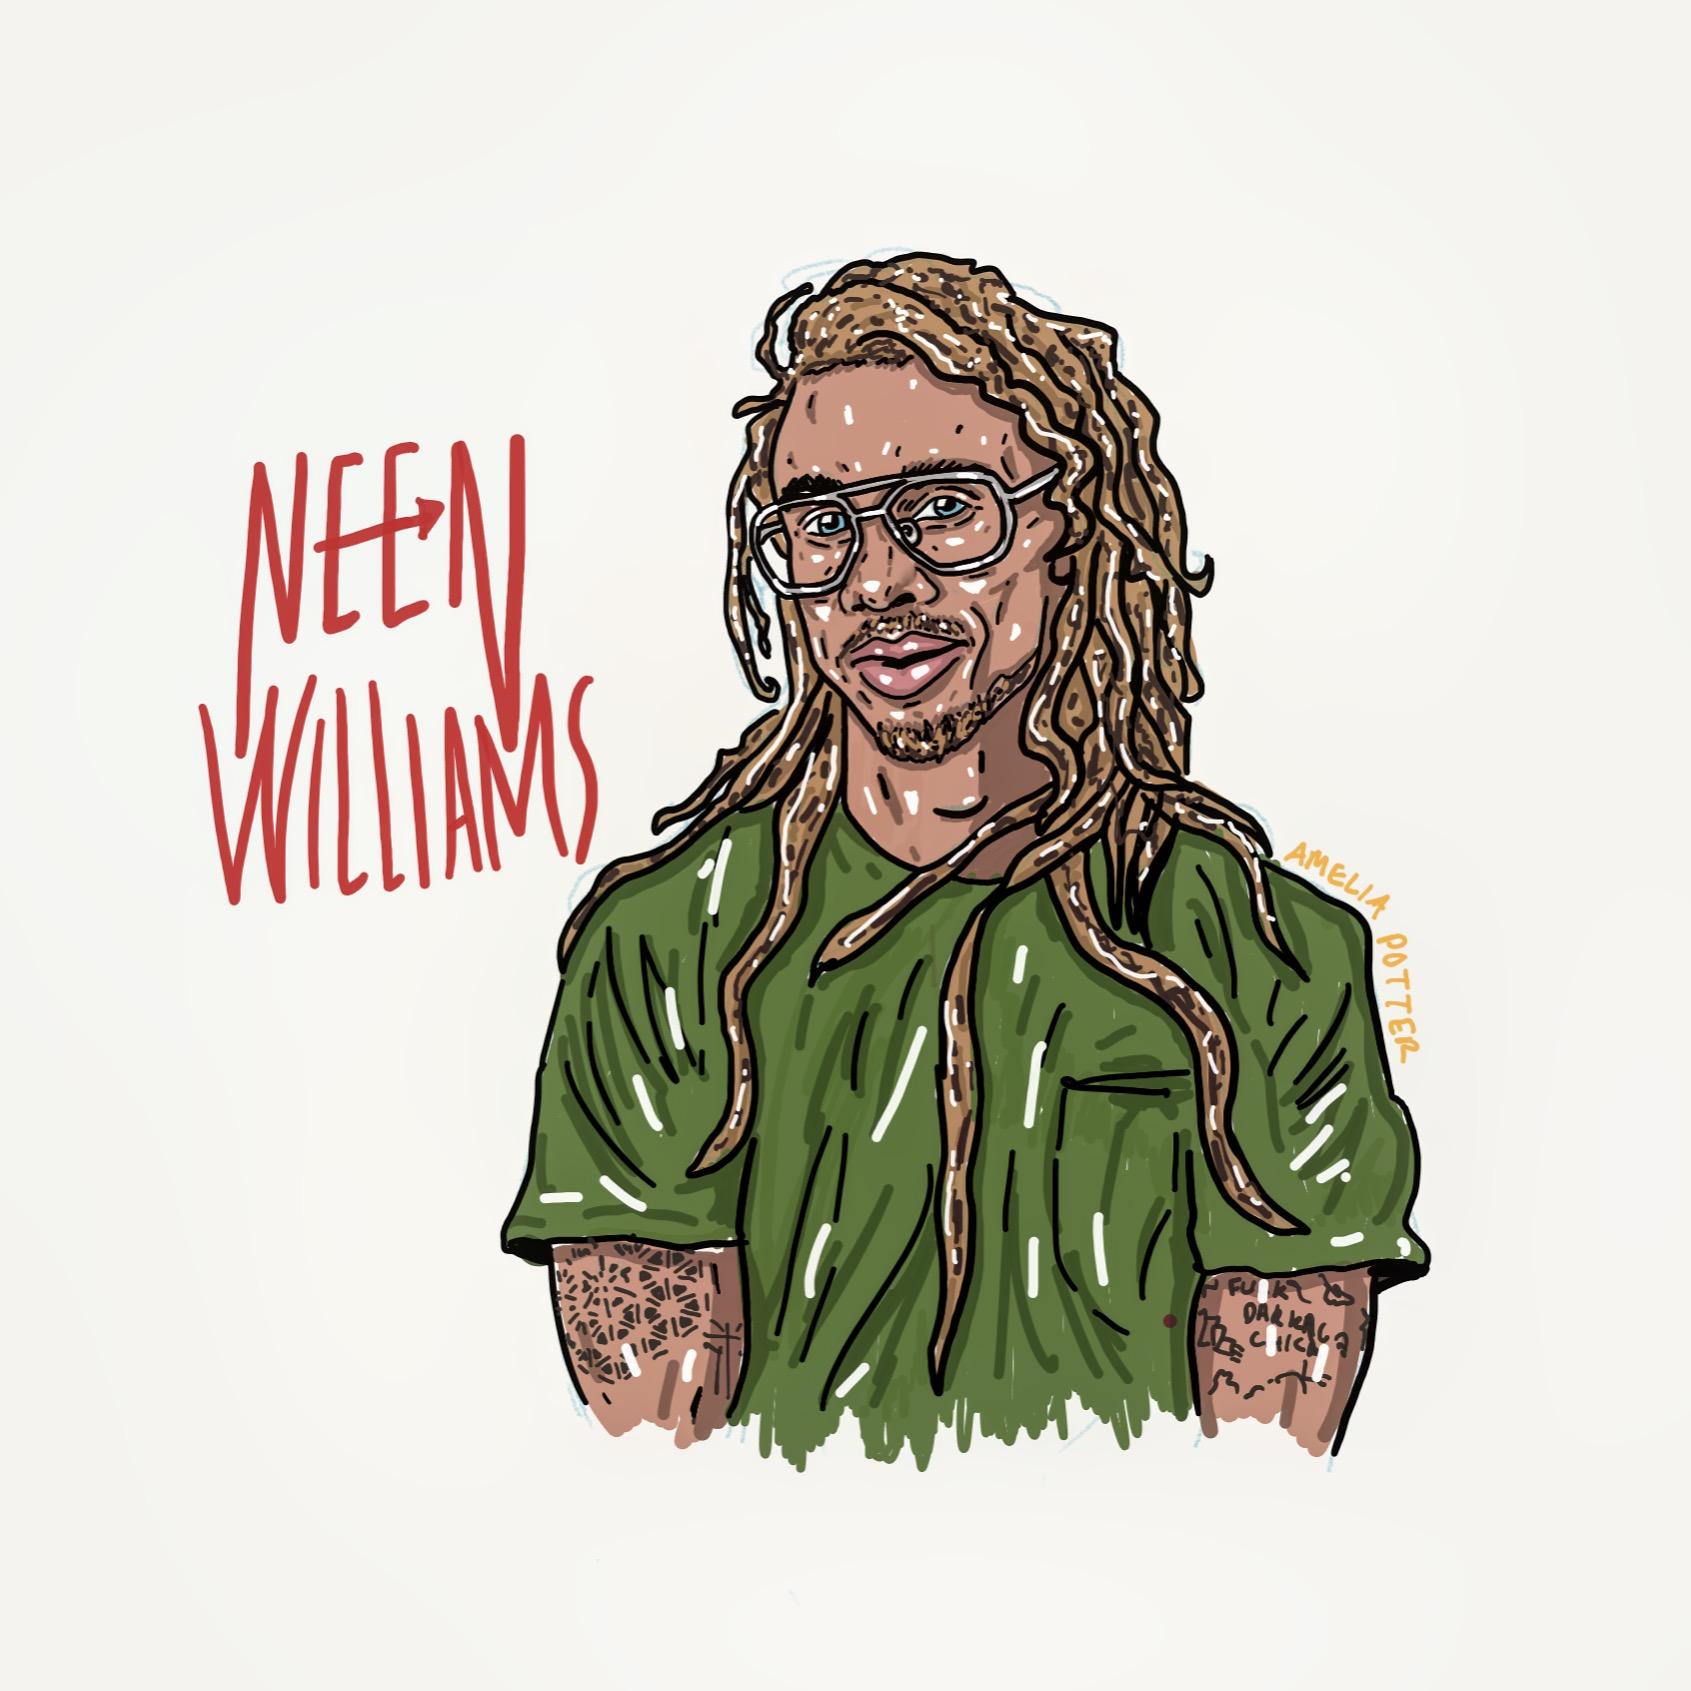 Neen Williams